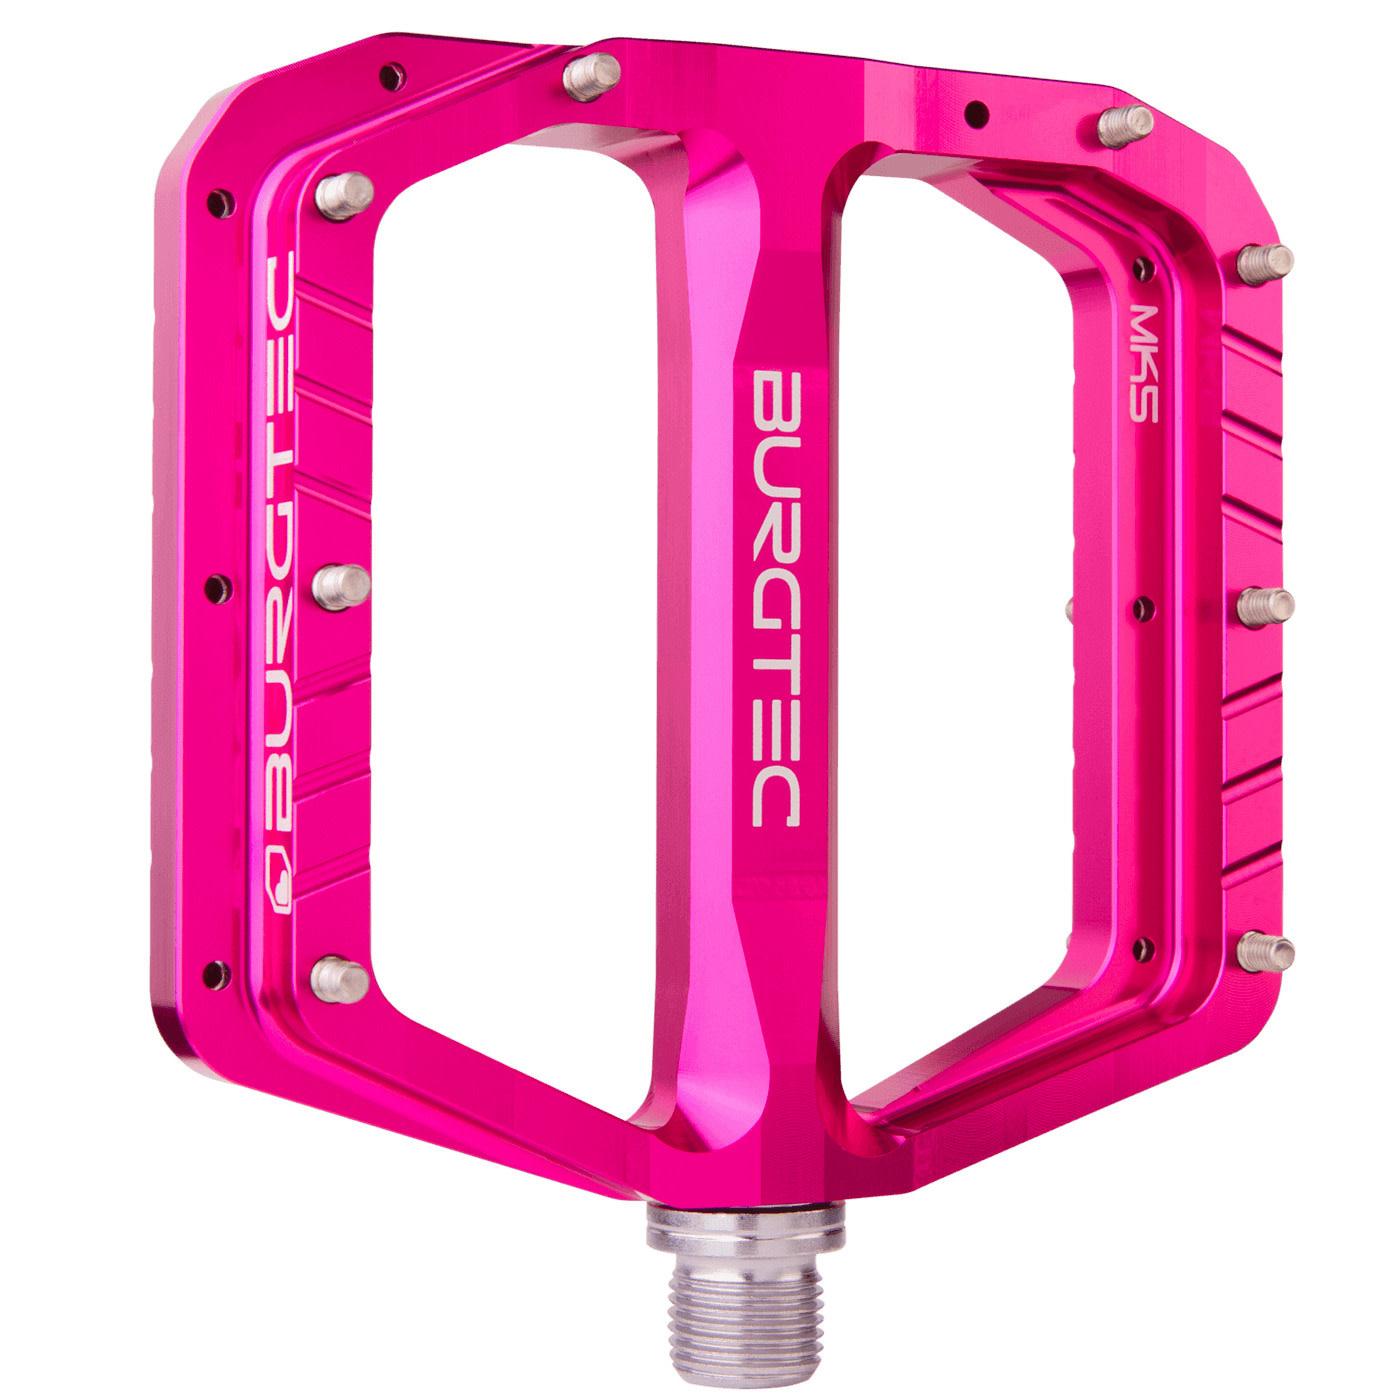 Burgtec Burgtec Penthouse Flat MK5 Pedals